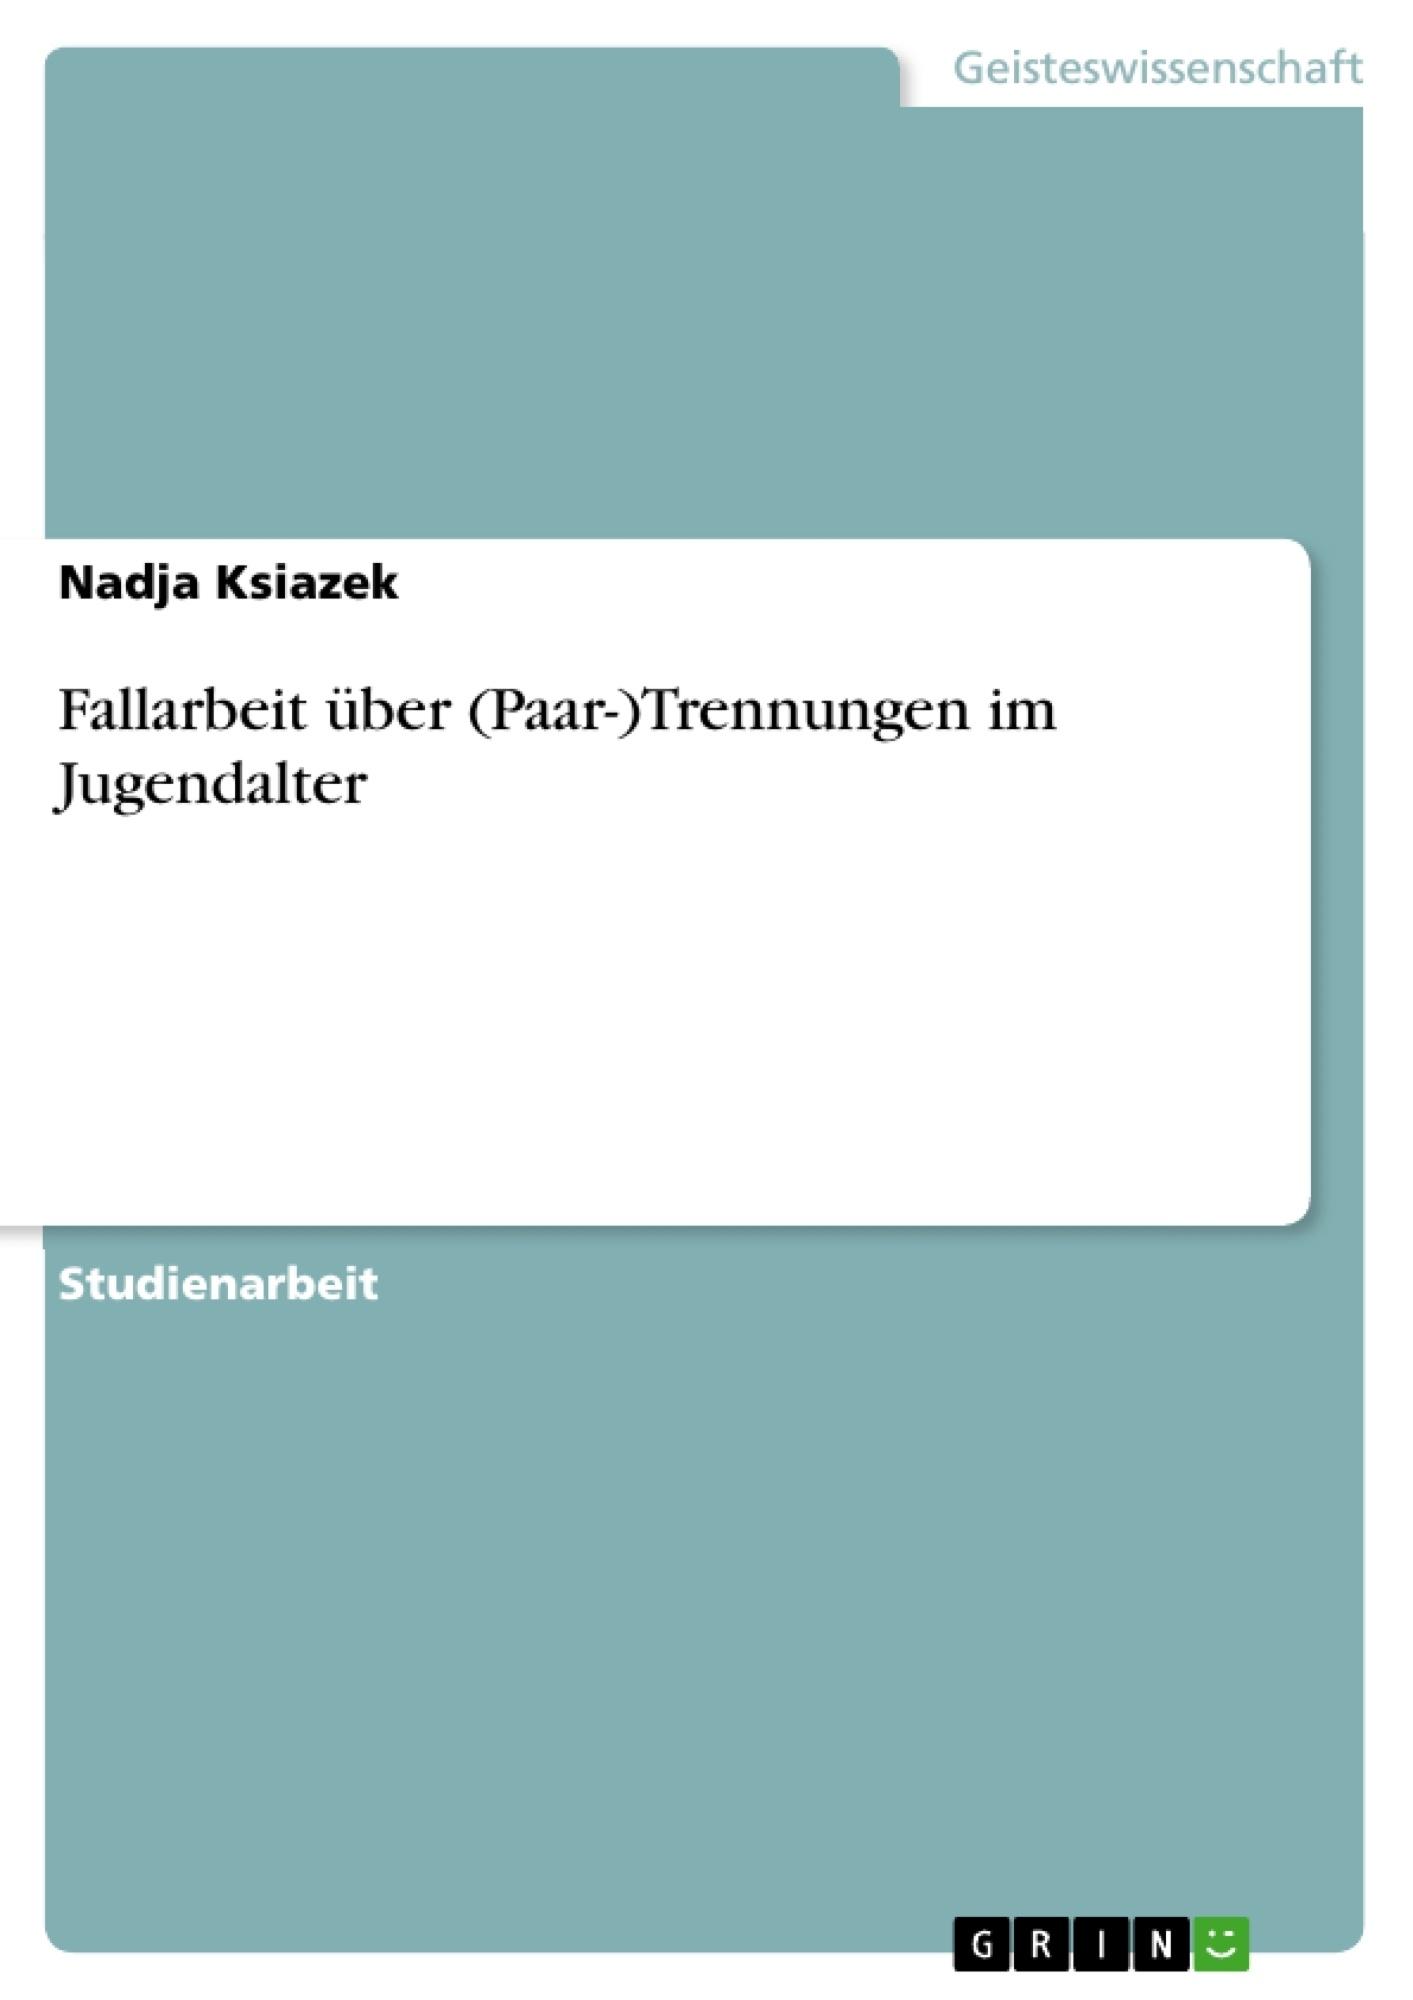 Titel: Fallarbeit über (Paar-)Trennungen im Jugendalter